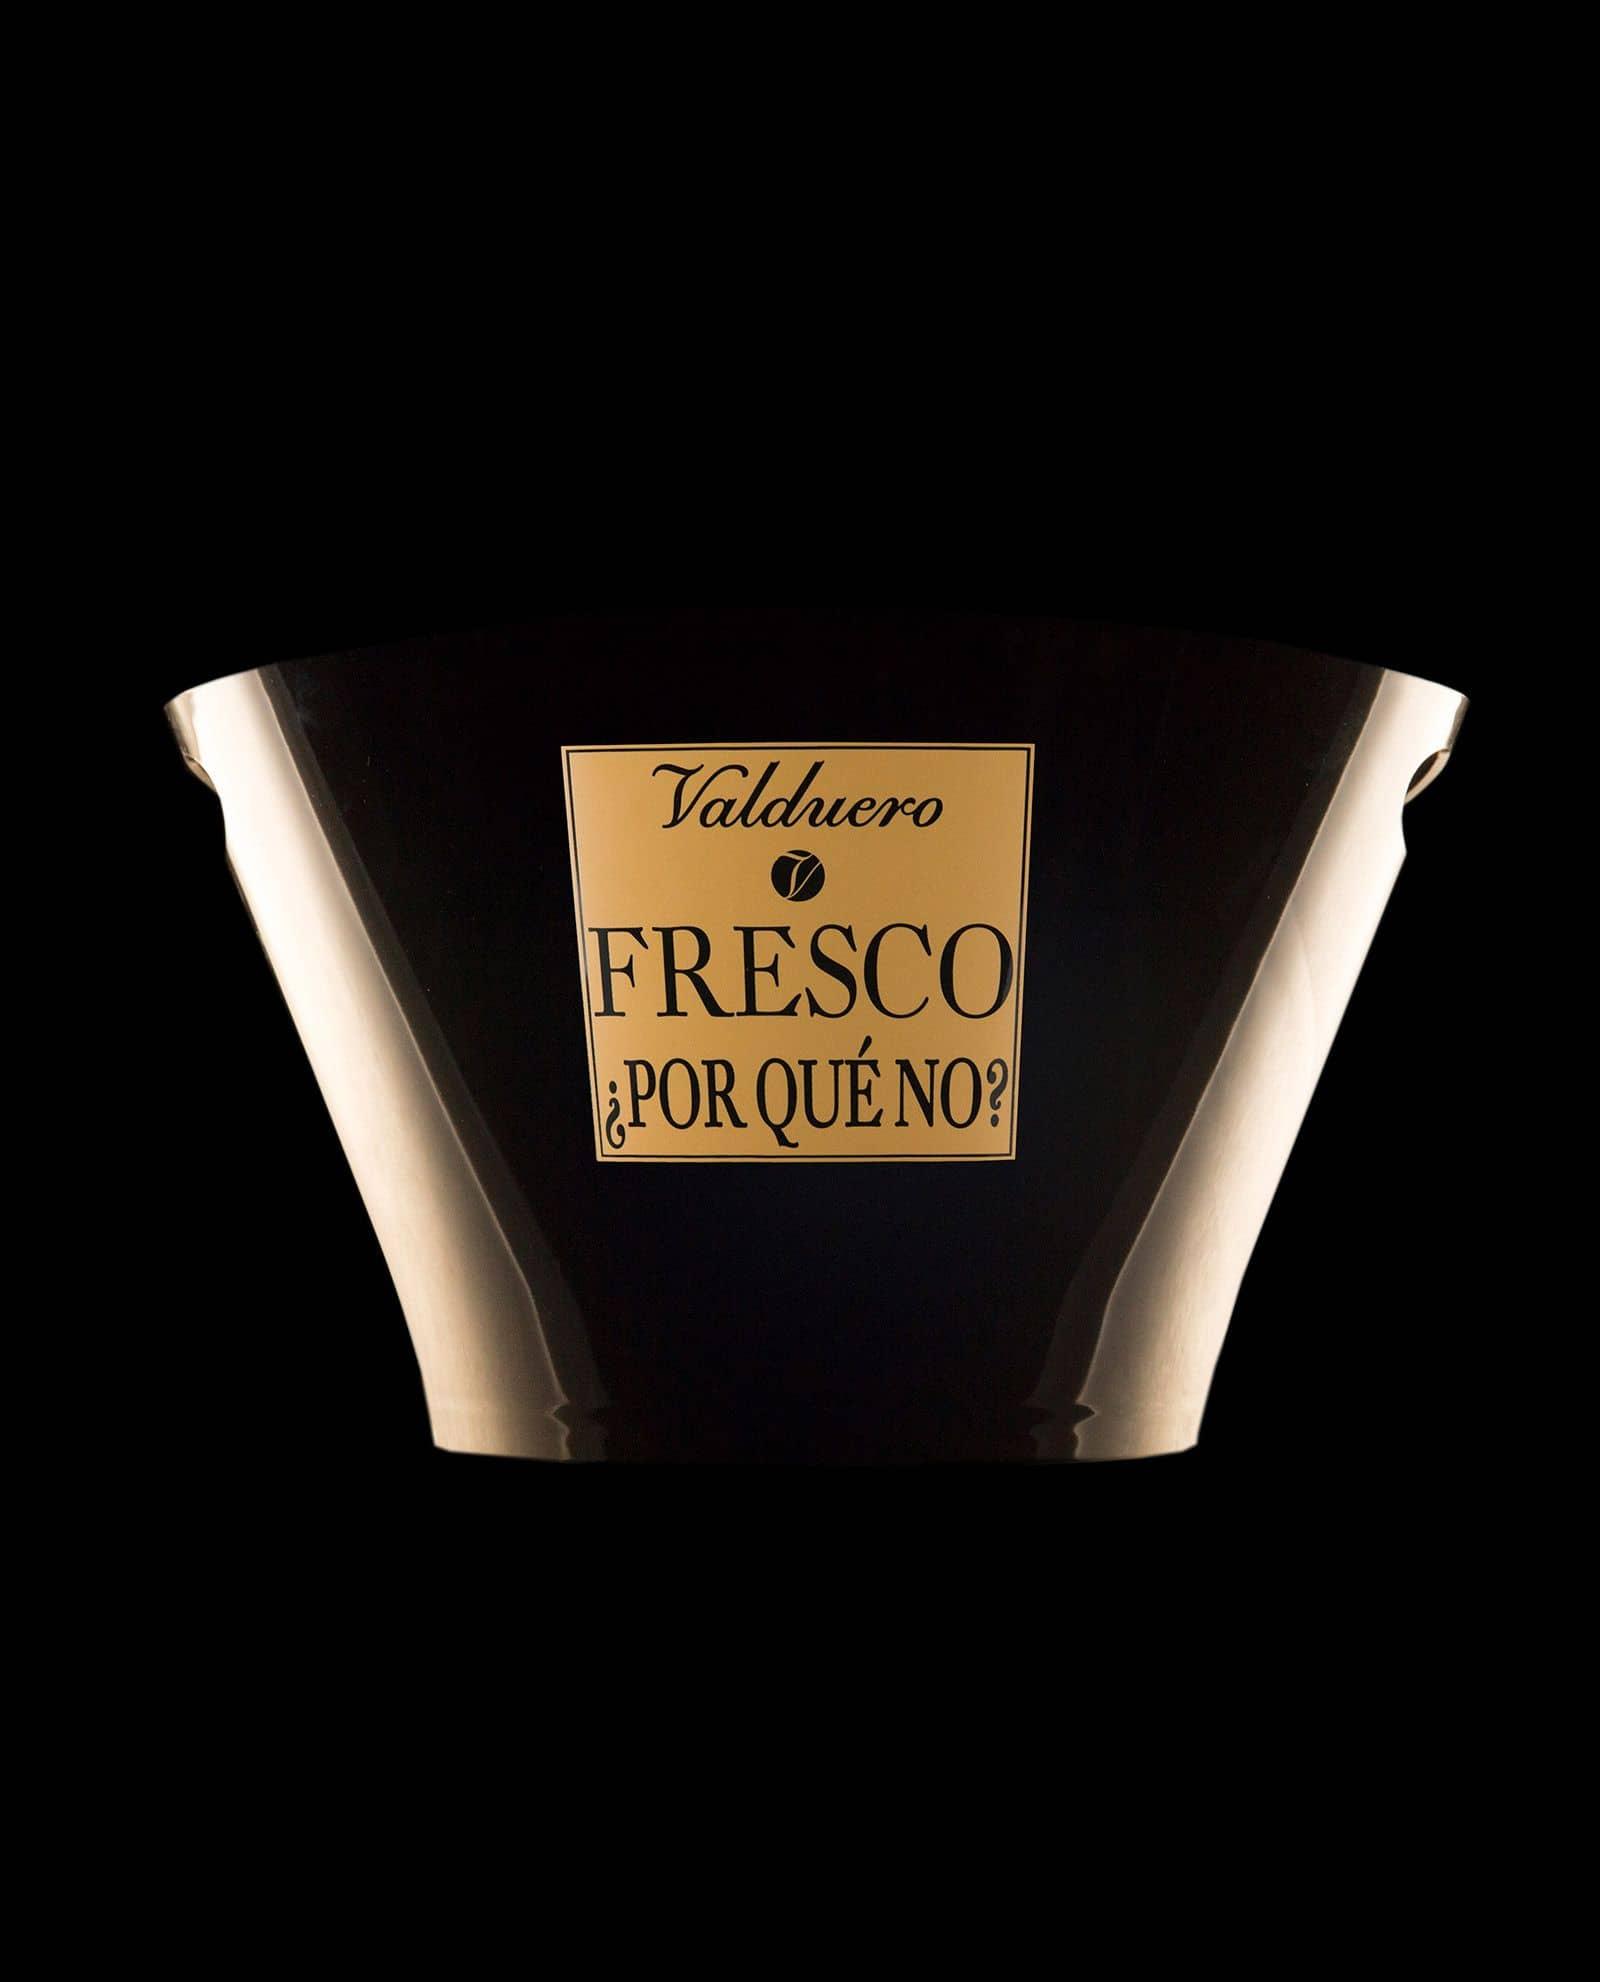 Fresquera de vinos Bodegas Valduero